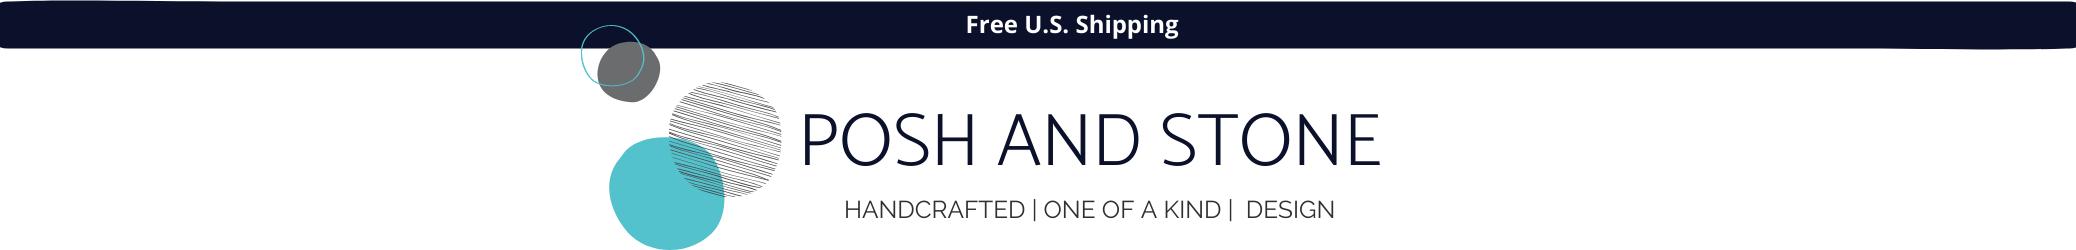 shipping-u.s..png